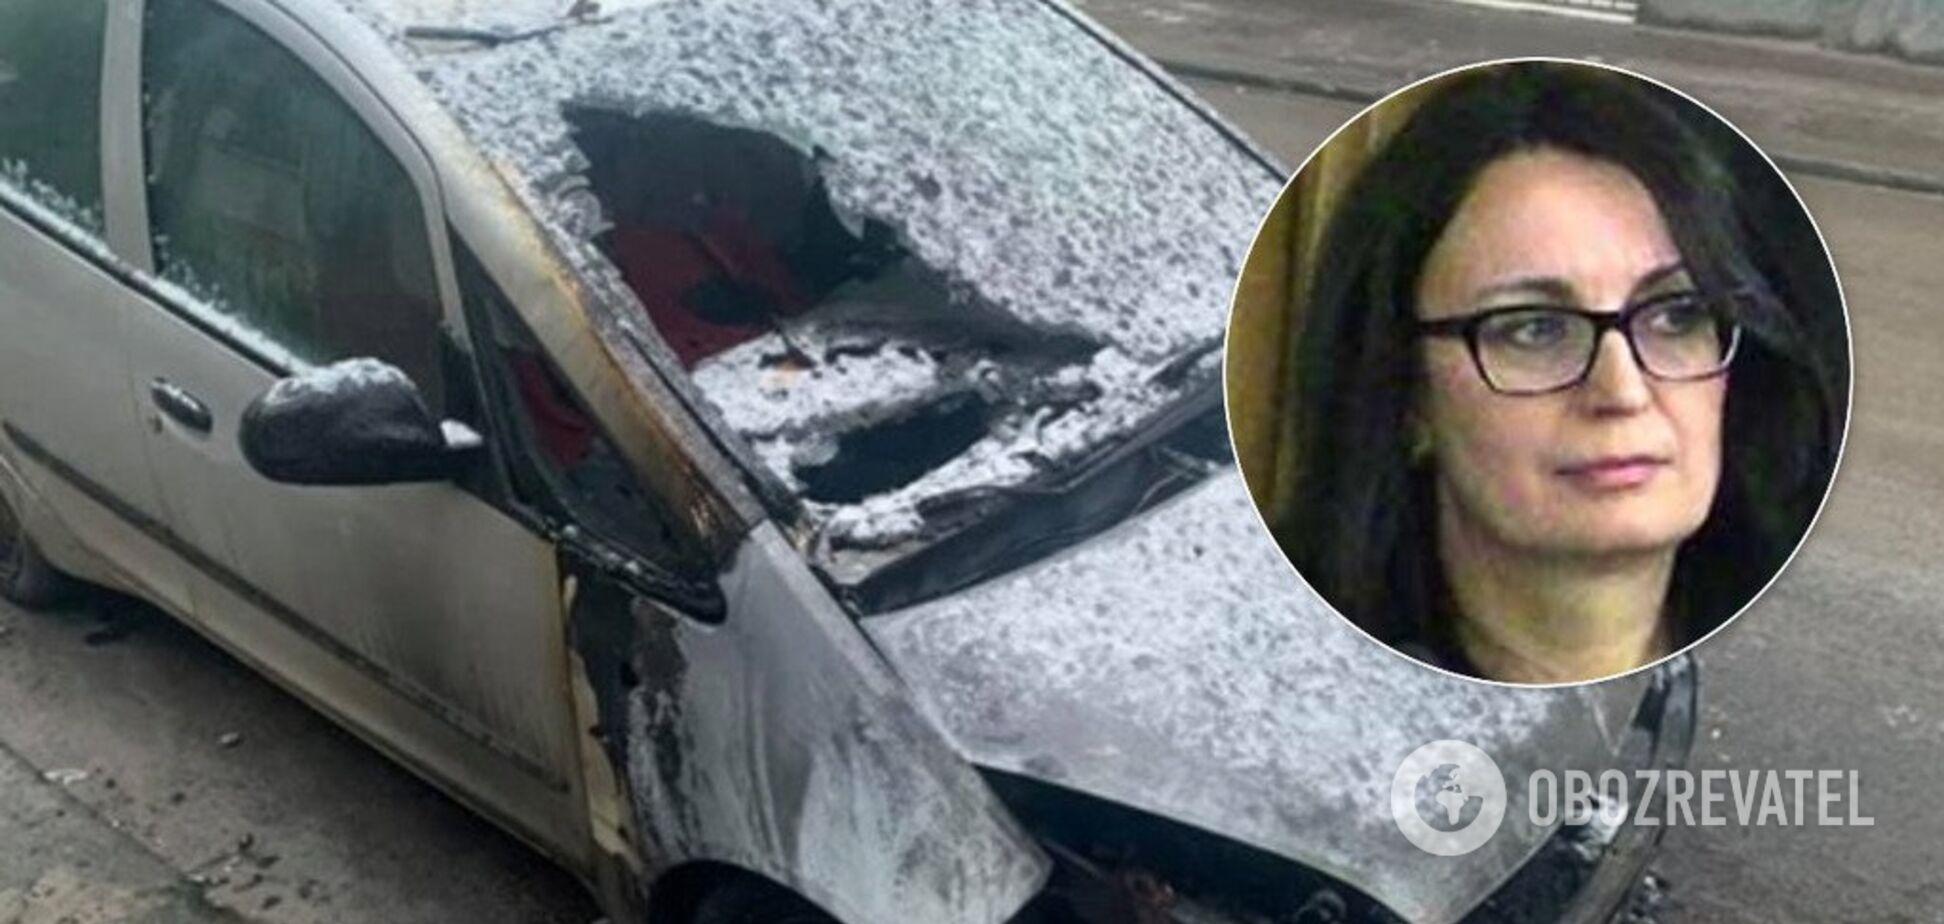 Задержан подозреваемый в поджоге авто журналистки 'Радіо Свобода'